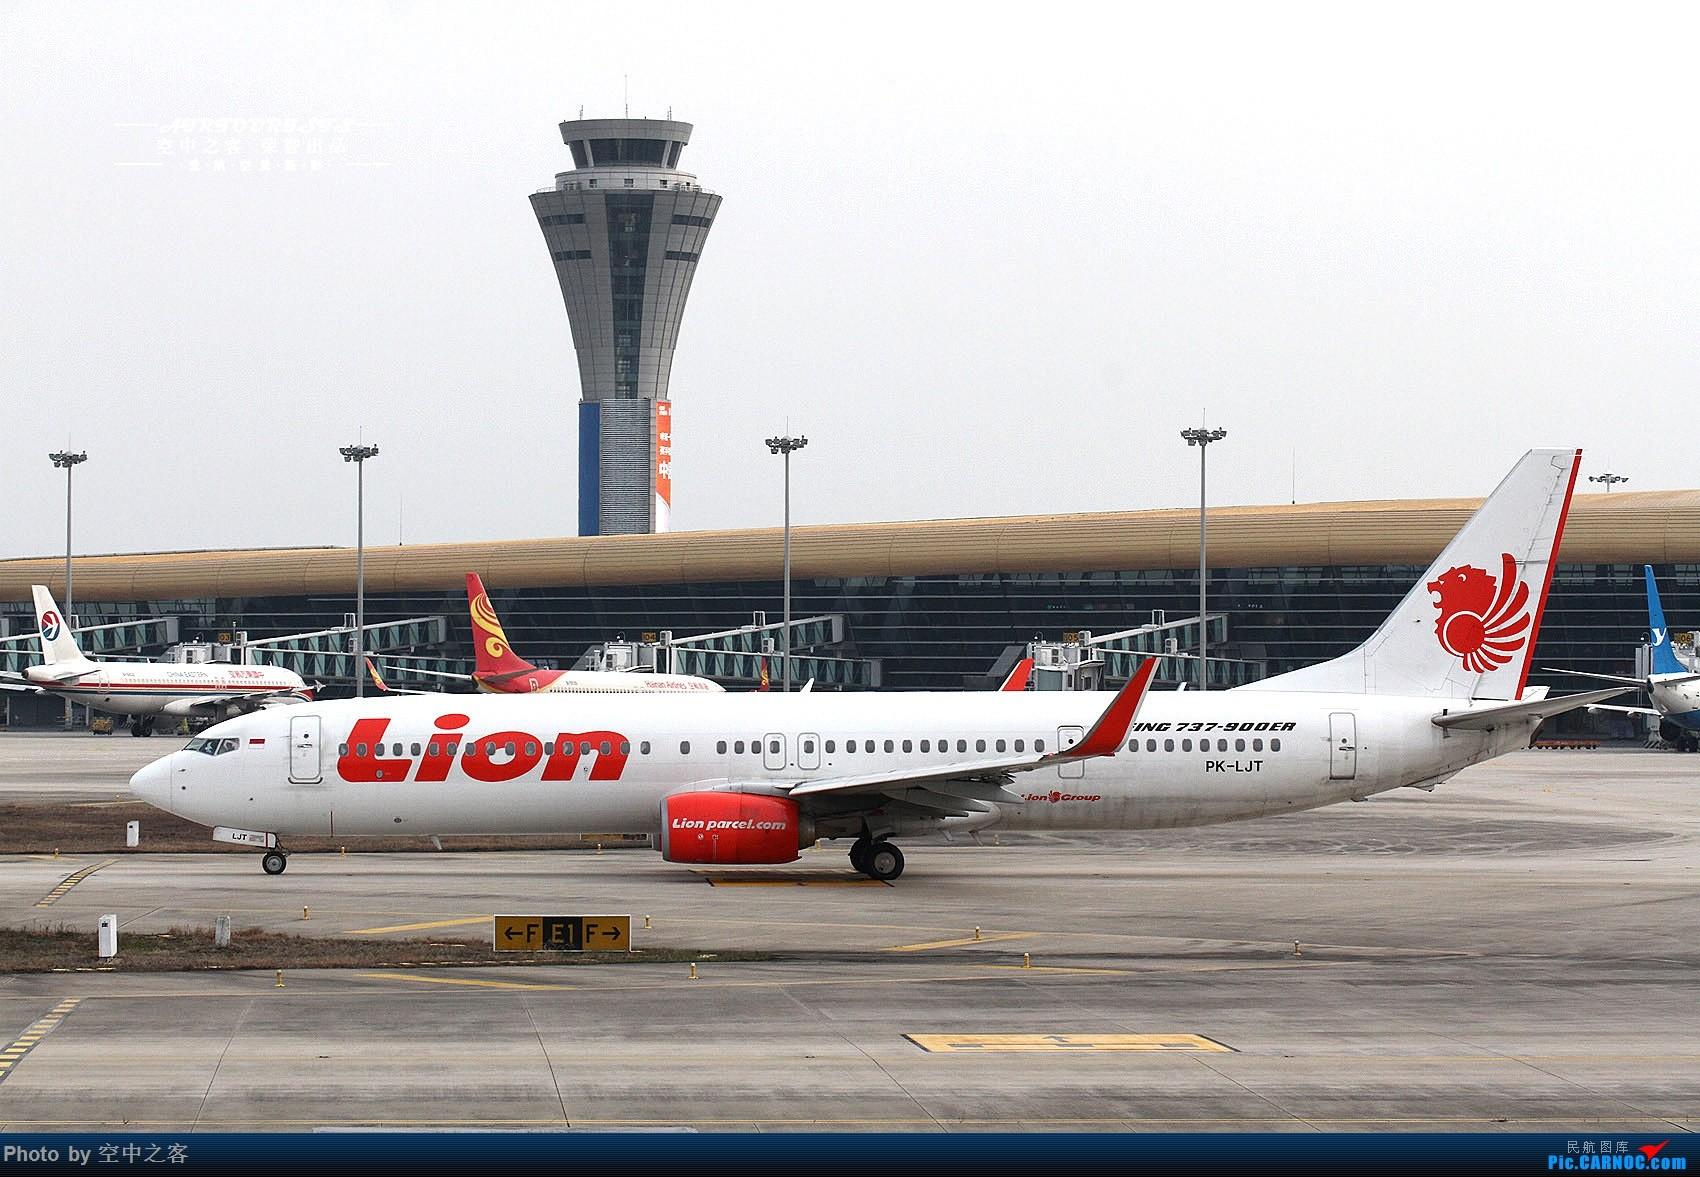 Re:[原创][合肥飞友会·霸都打机队·空中之客出品]有一只狮子有一只蒙牛...魔头大佬亲临新机场 BOEING 737-900ER PK-LJT 合肥新桥国际机场